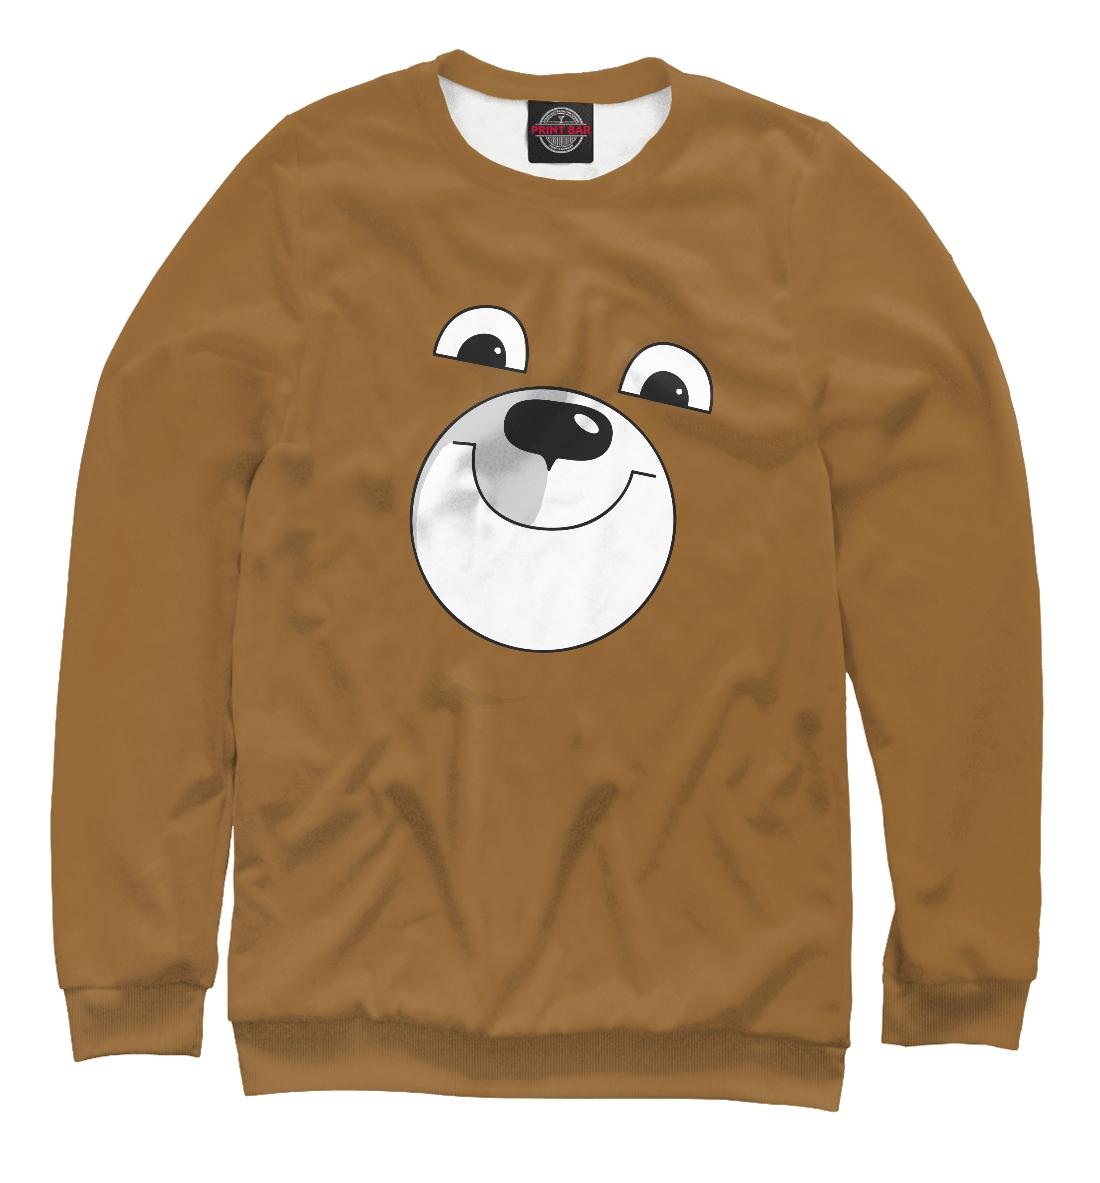 Купить Медвежонок, Printbar, Свитшоты, MED-169855-swi-1